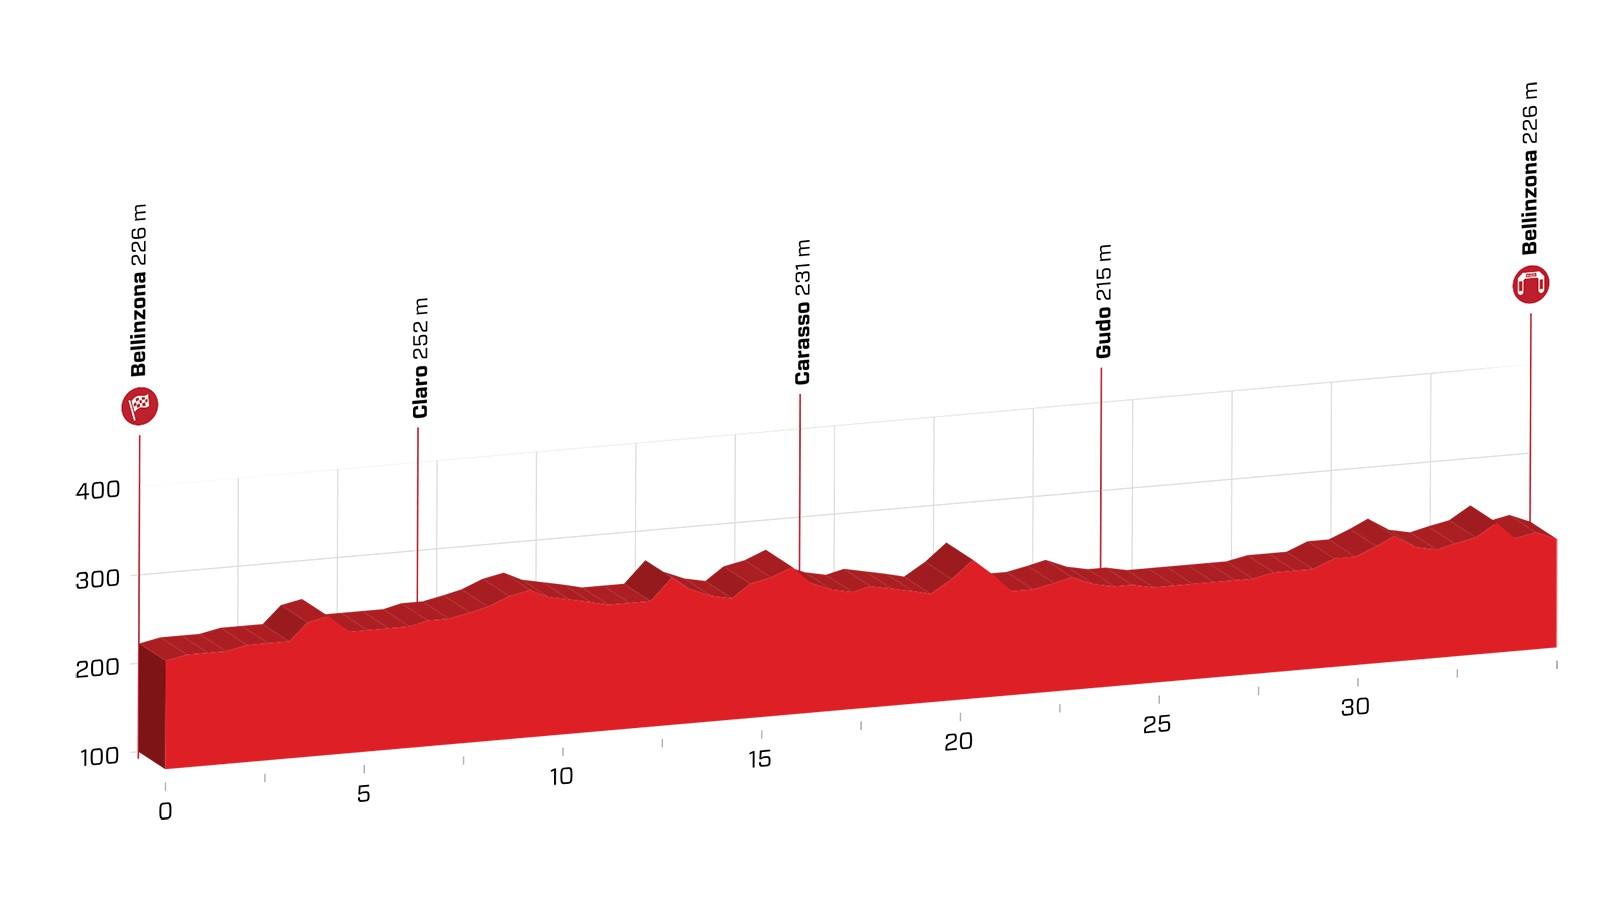 Tour de Suisse 2018 Stage 9